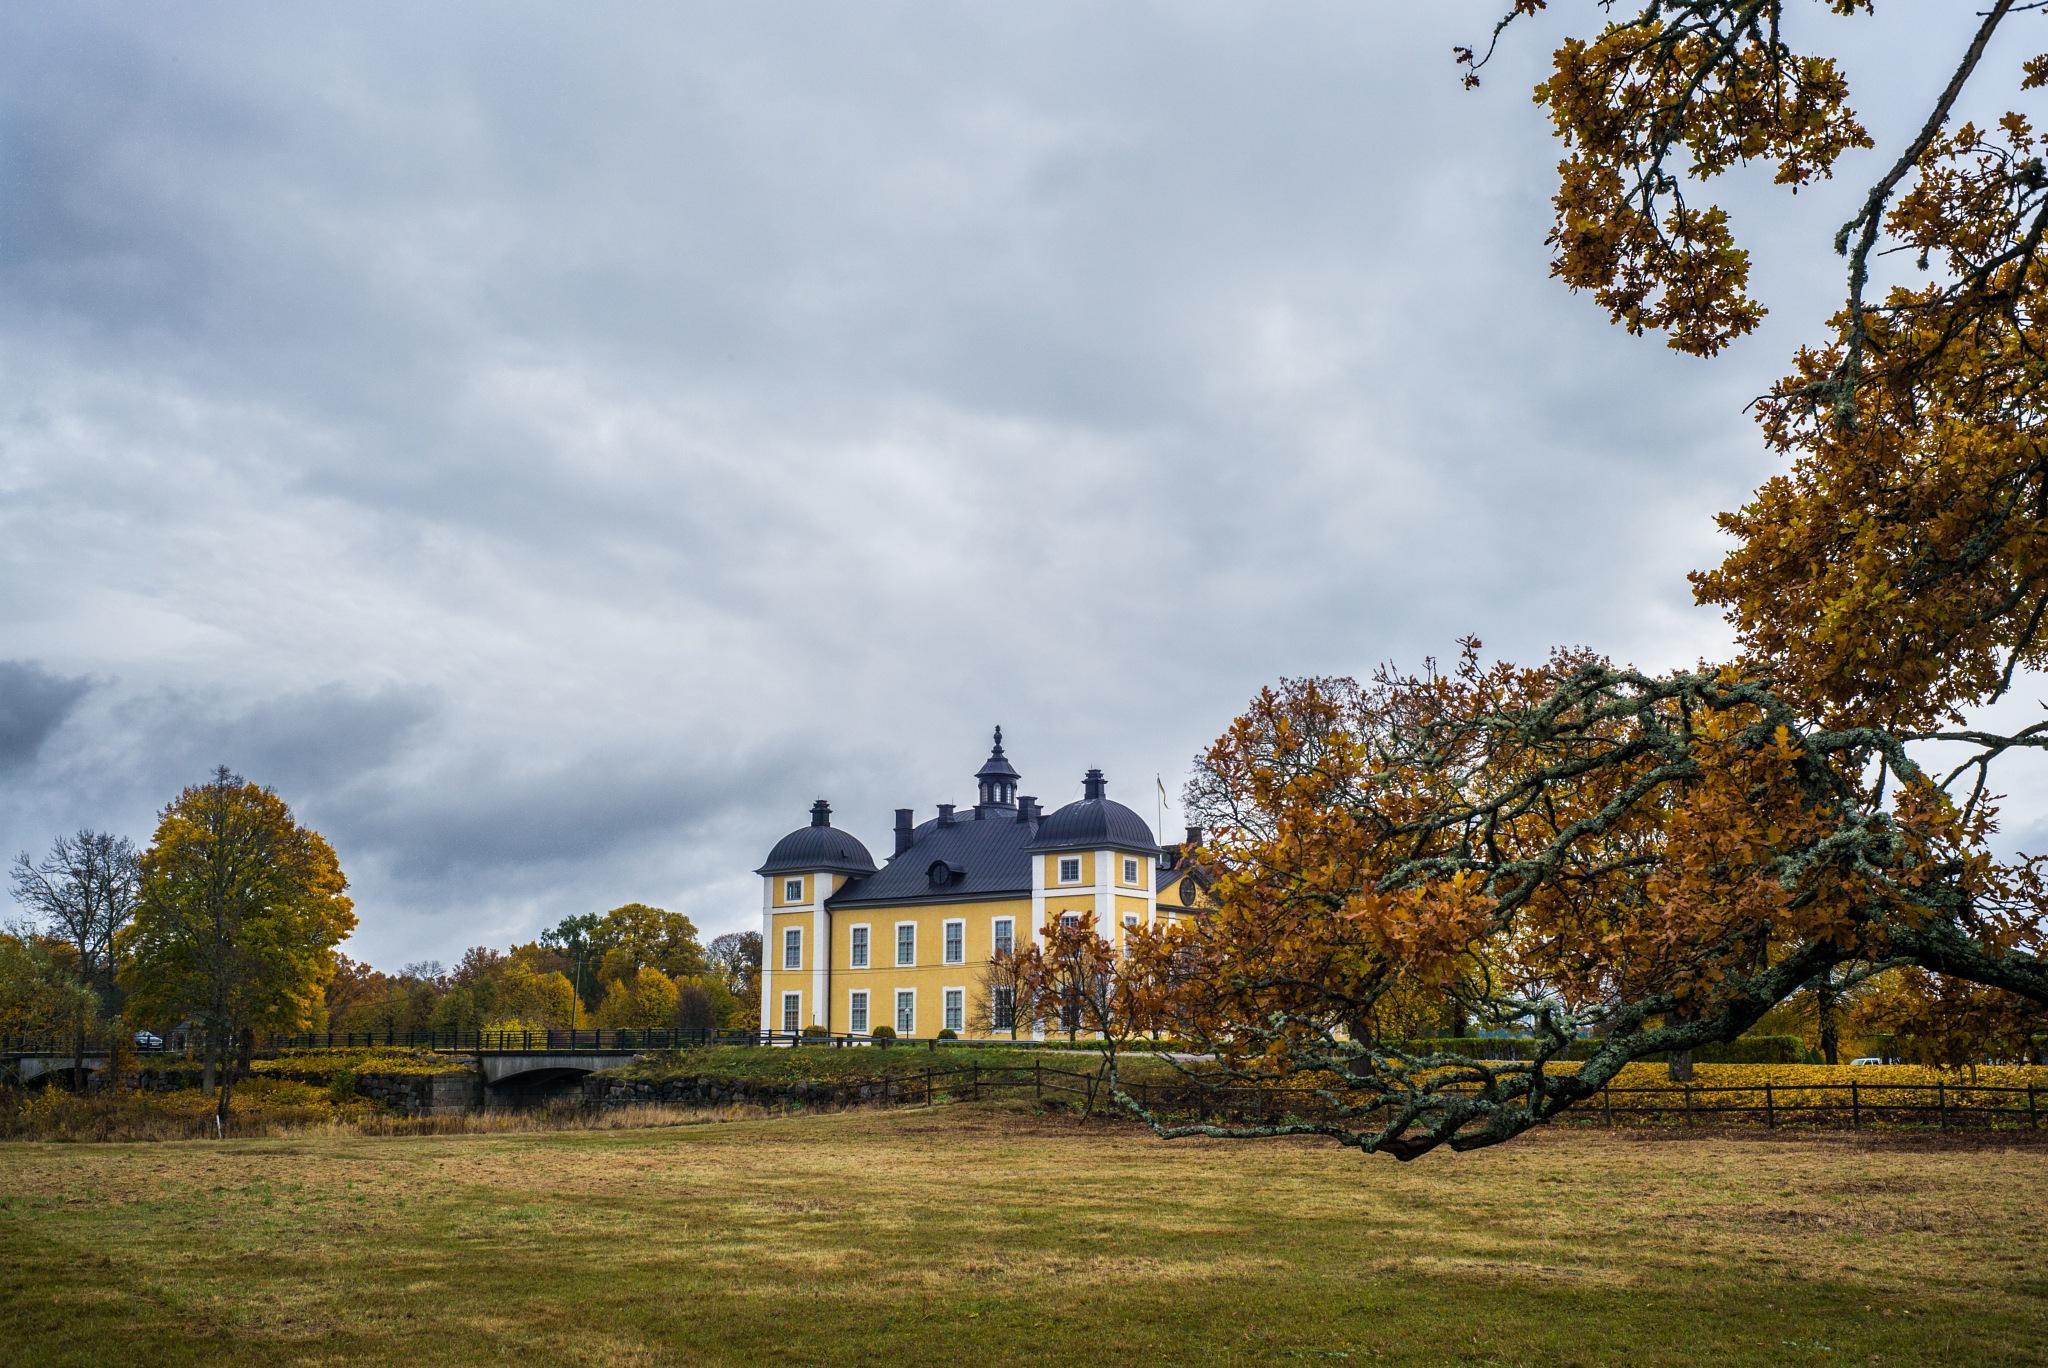 strömsholm castle, Sweden by hutchst